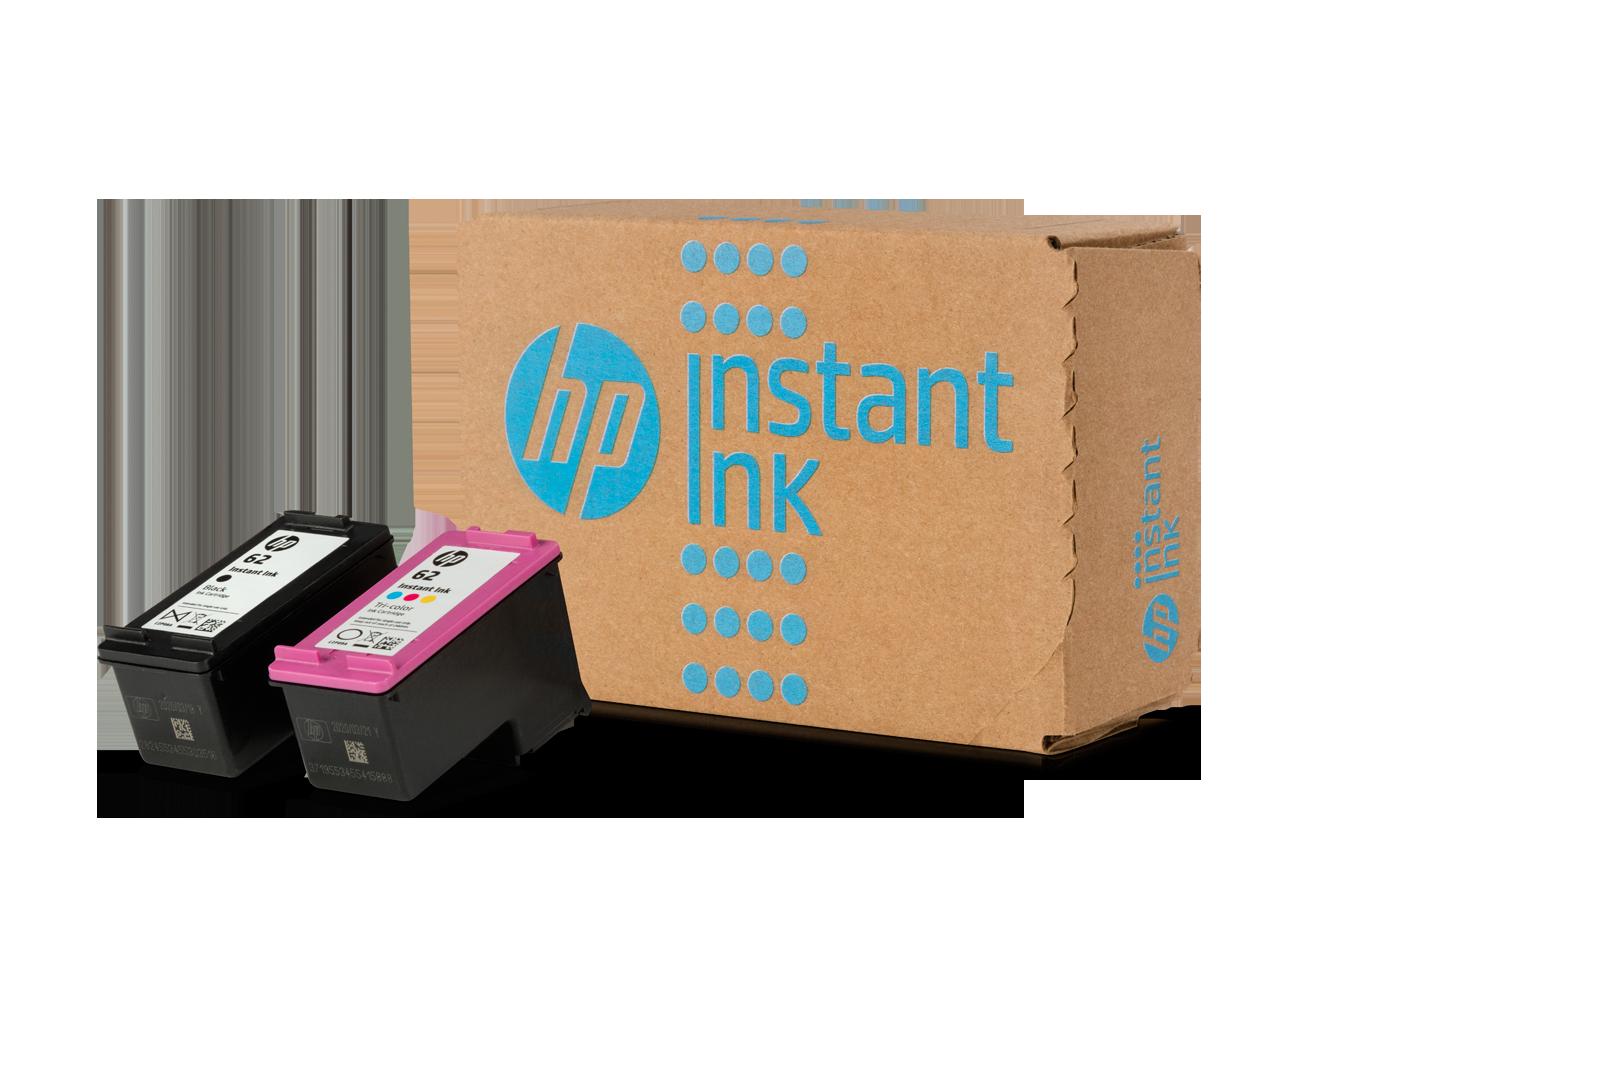 6 Måneders gratis udskrivning med HP Instant Ink